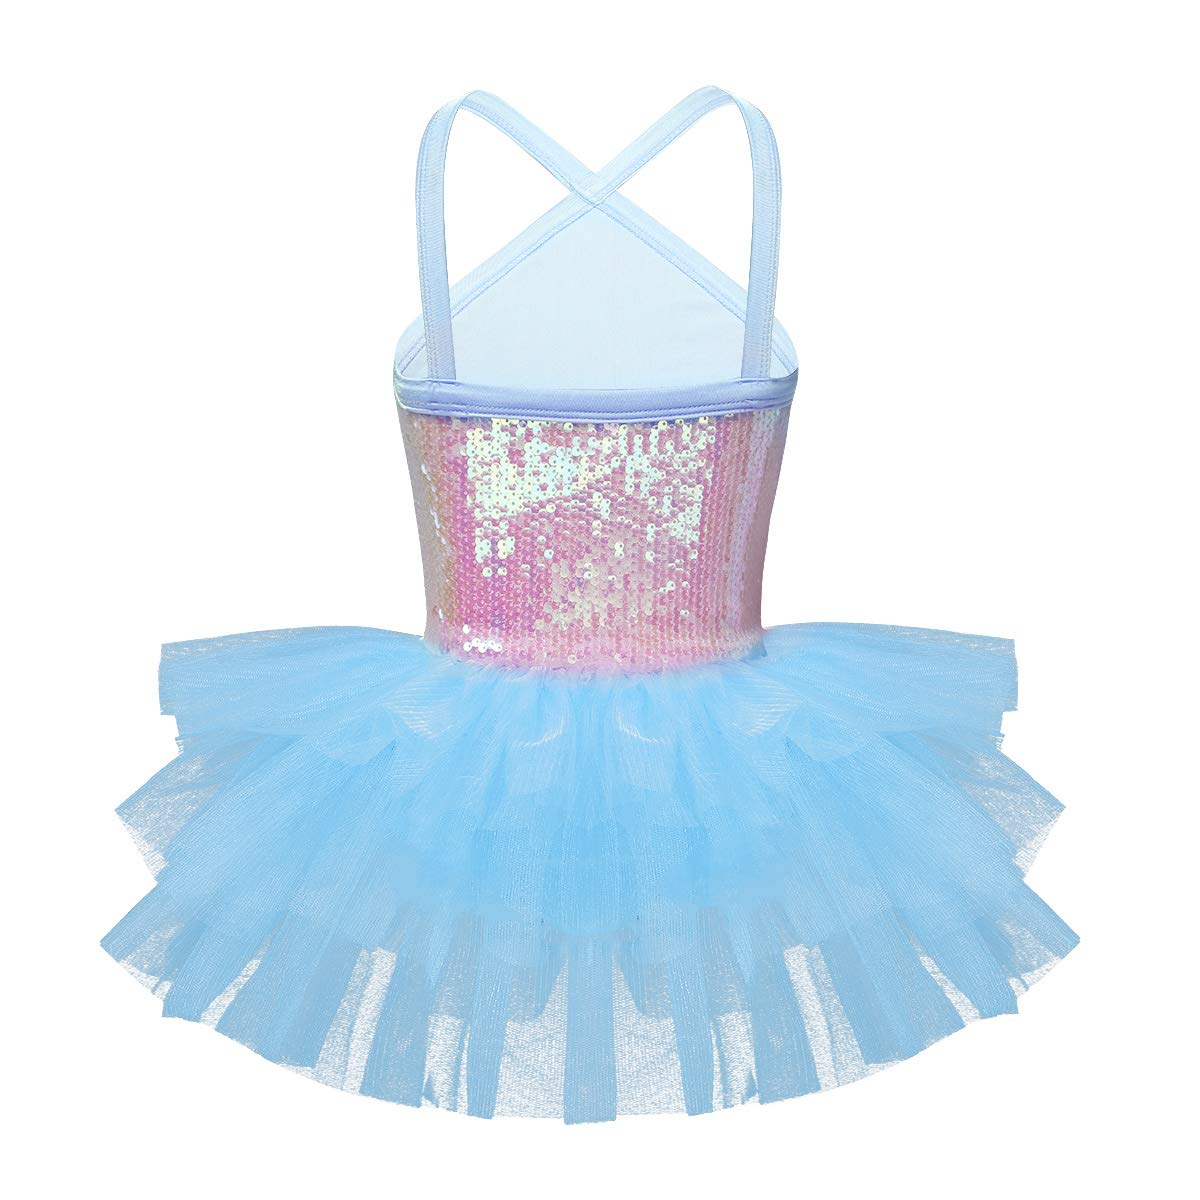 Freebily M/ädchen Ballettkleid Pailletten Ballettanzug Prinzessin Mesh Tanzkleid B/ühne Ballerina Tutu Kleid in Rosa Lavendel Blau Wei/ß Orange